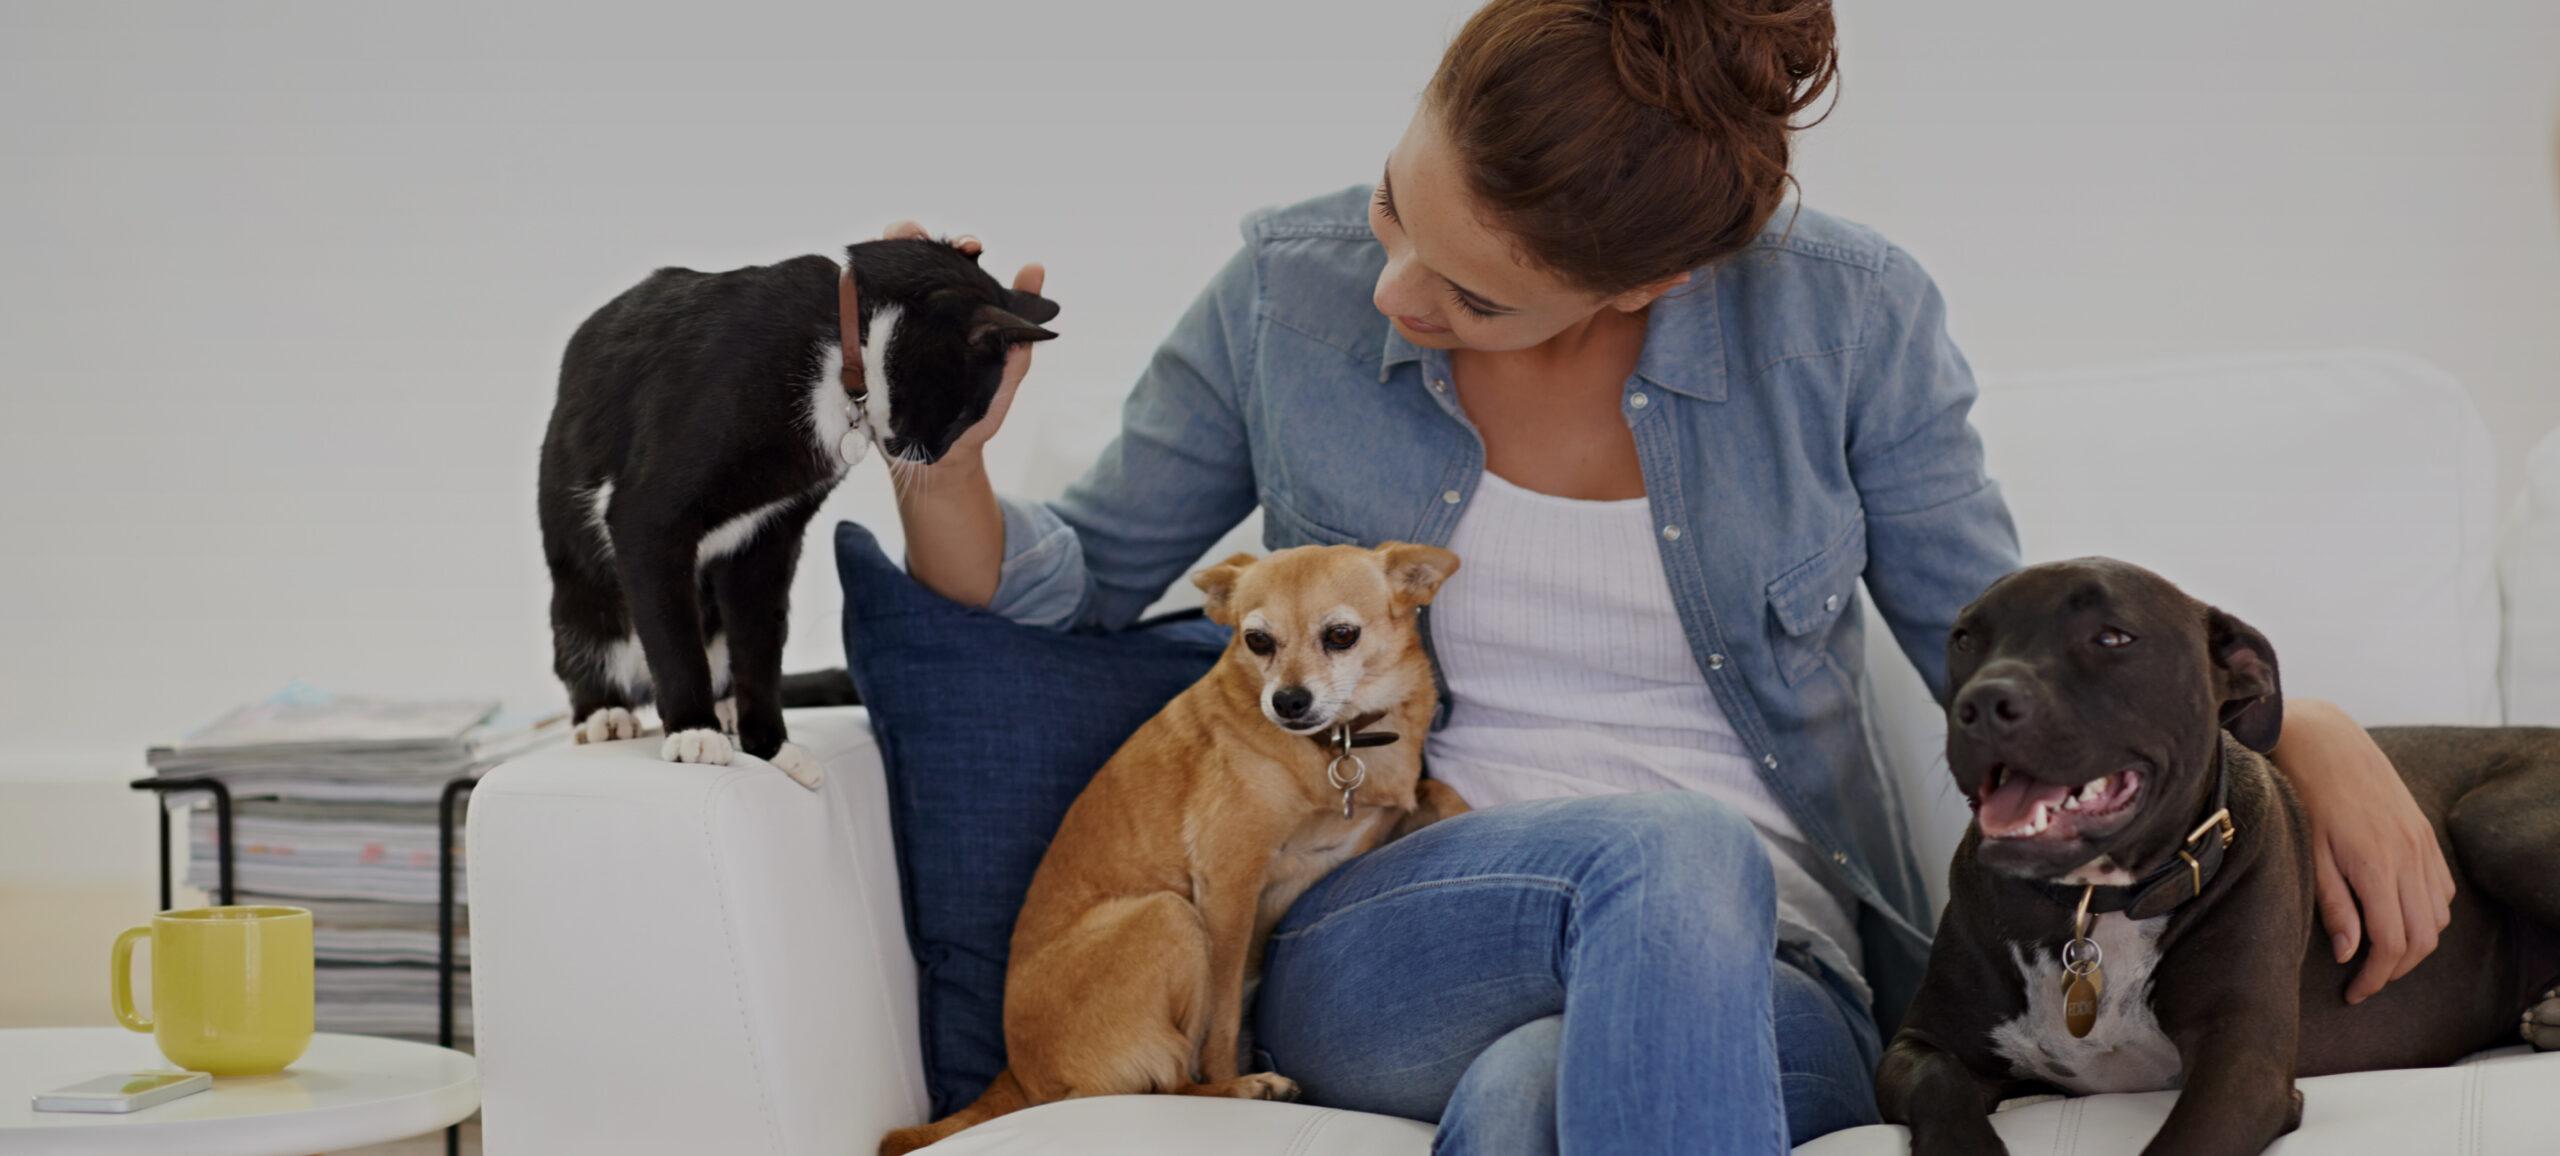 Frau auf Sofa mit Katze und zwei Hunden